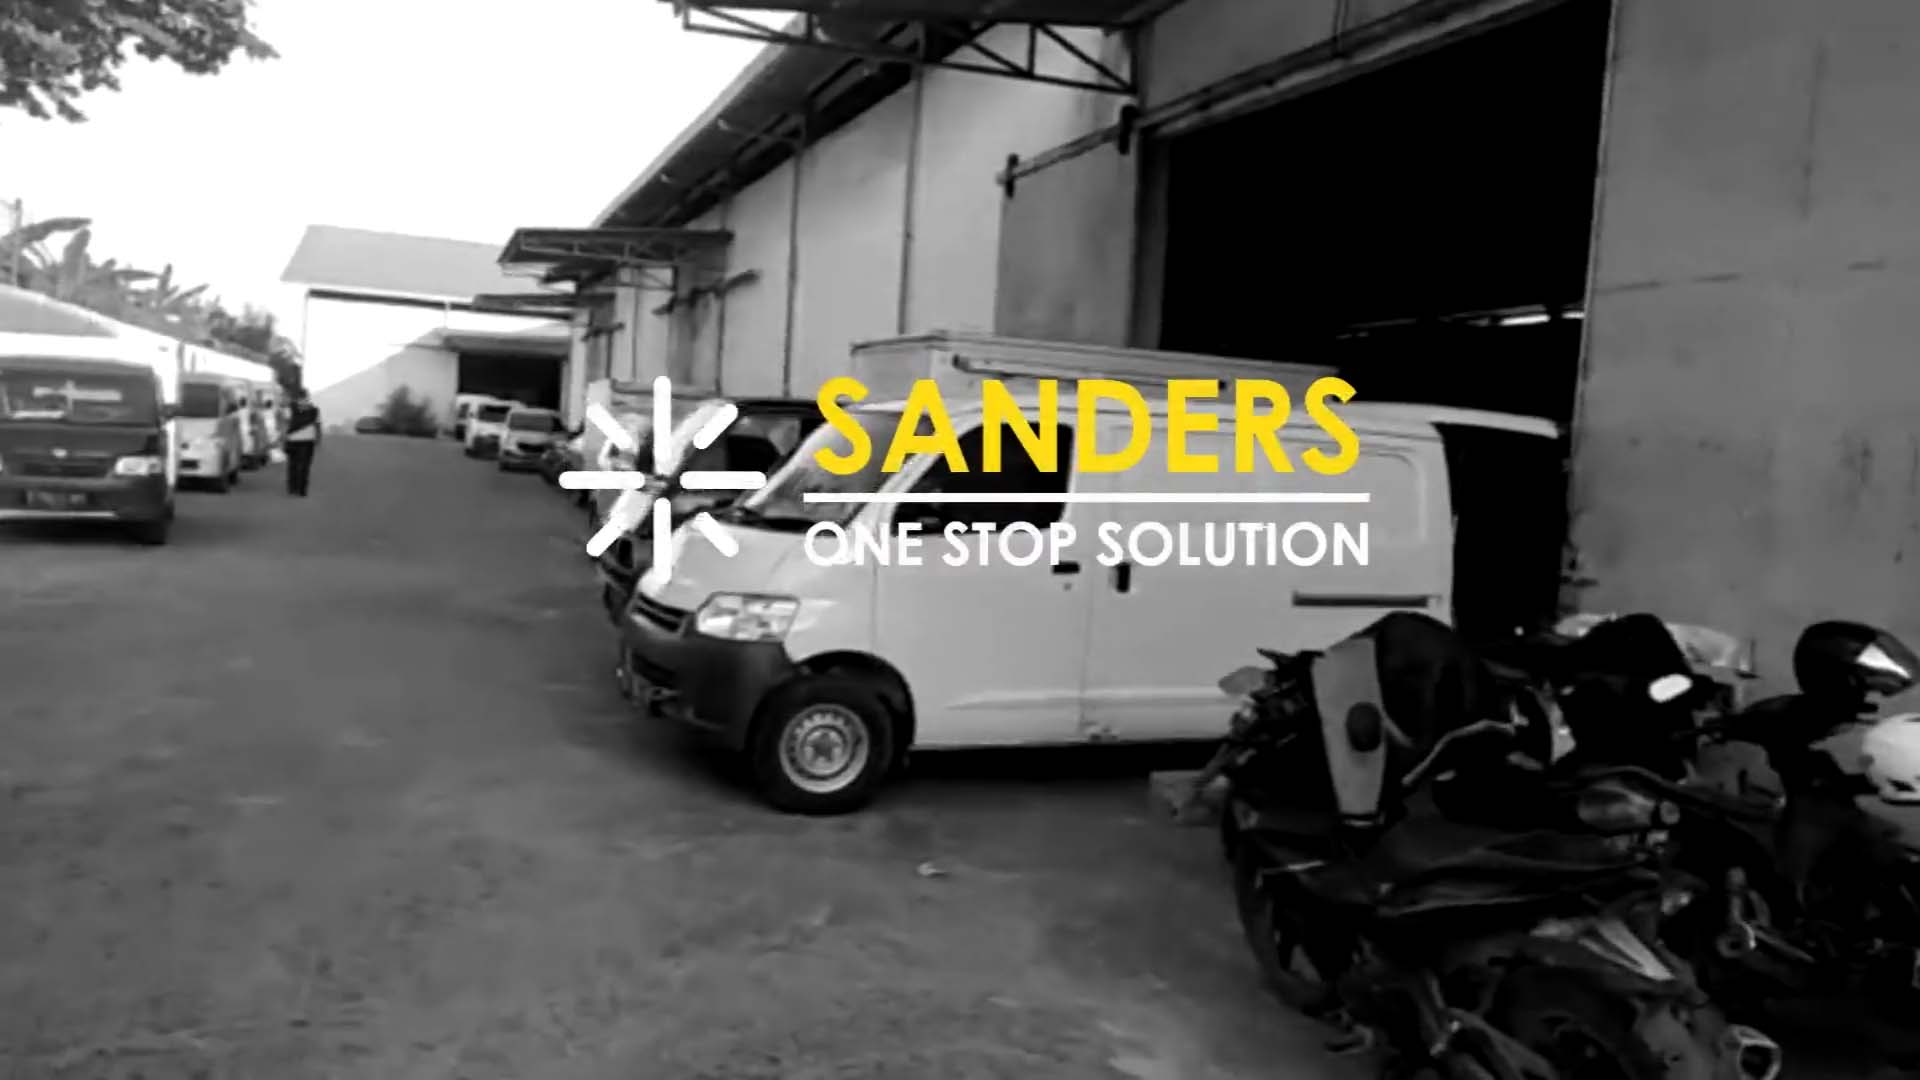 Sosialisasi Sanders di Makassar